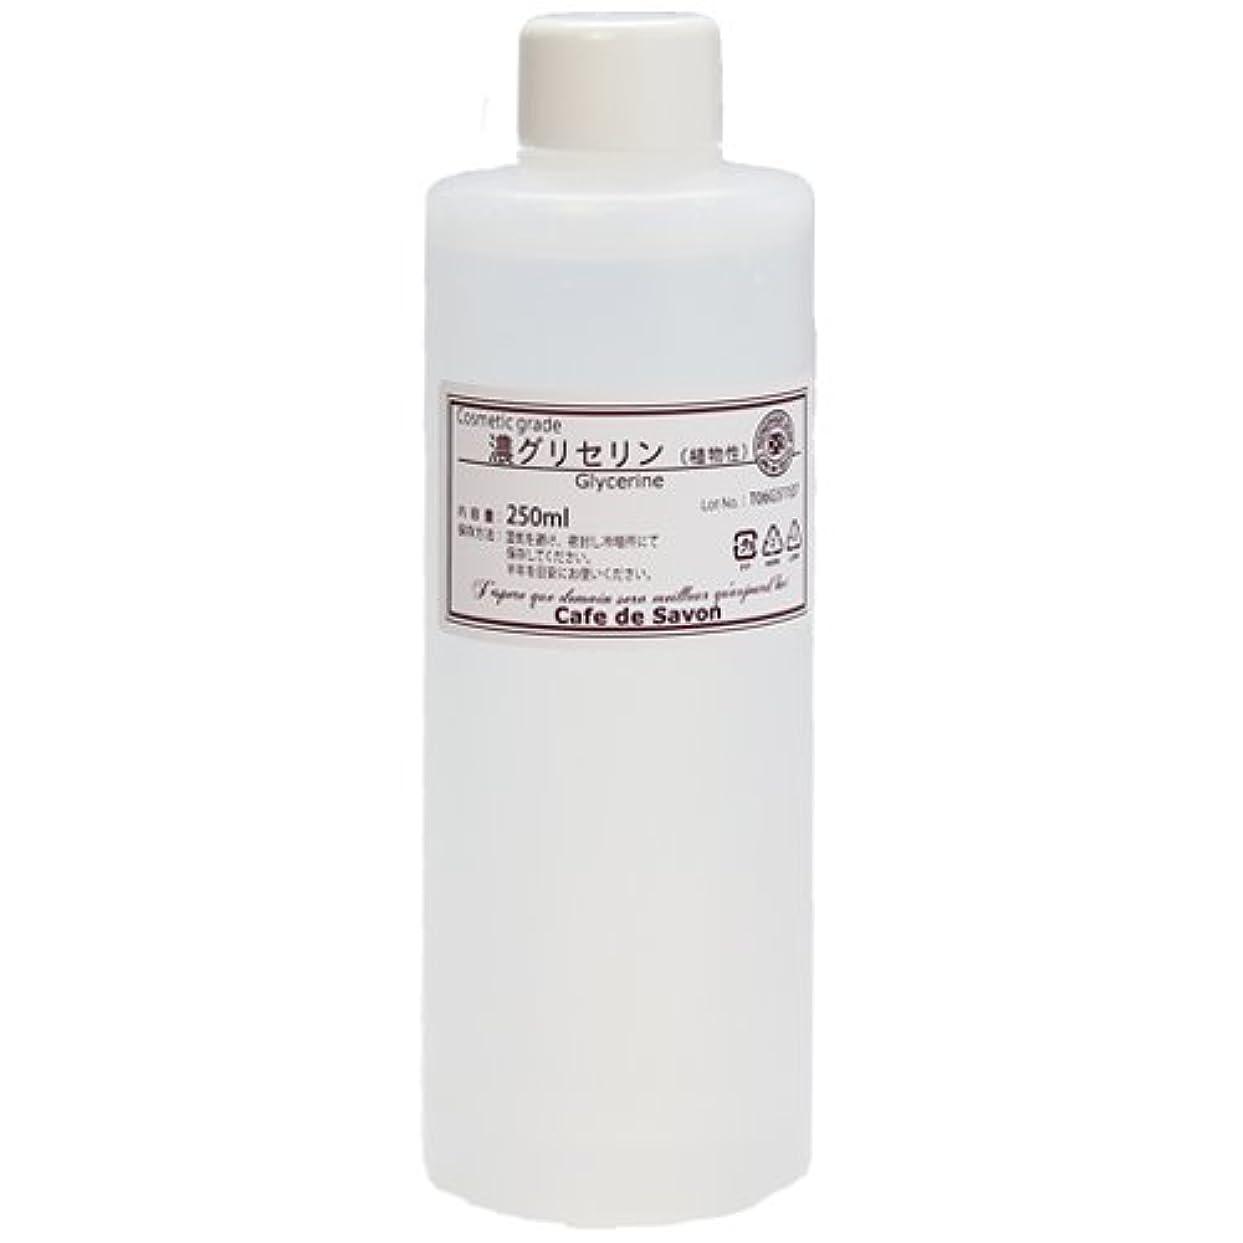 コイル歴史トラップ濃グリセリン[植物性] 250ml 【手作り石鹸/手作りコスメ】